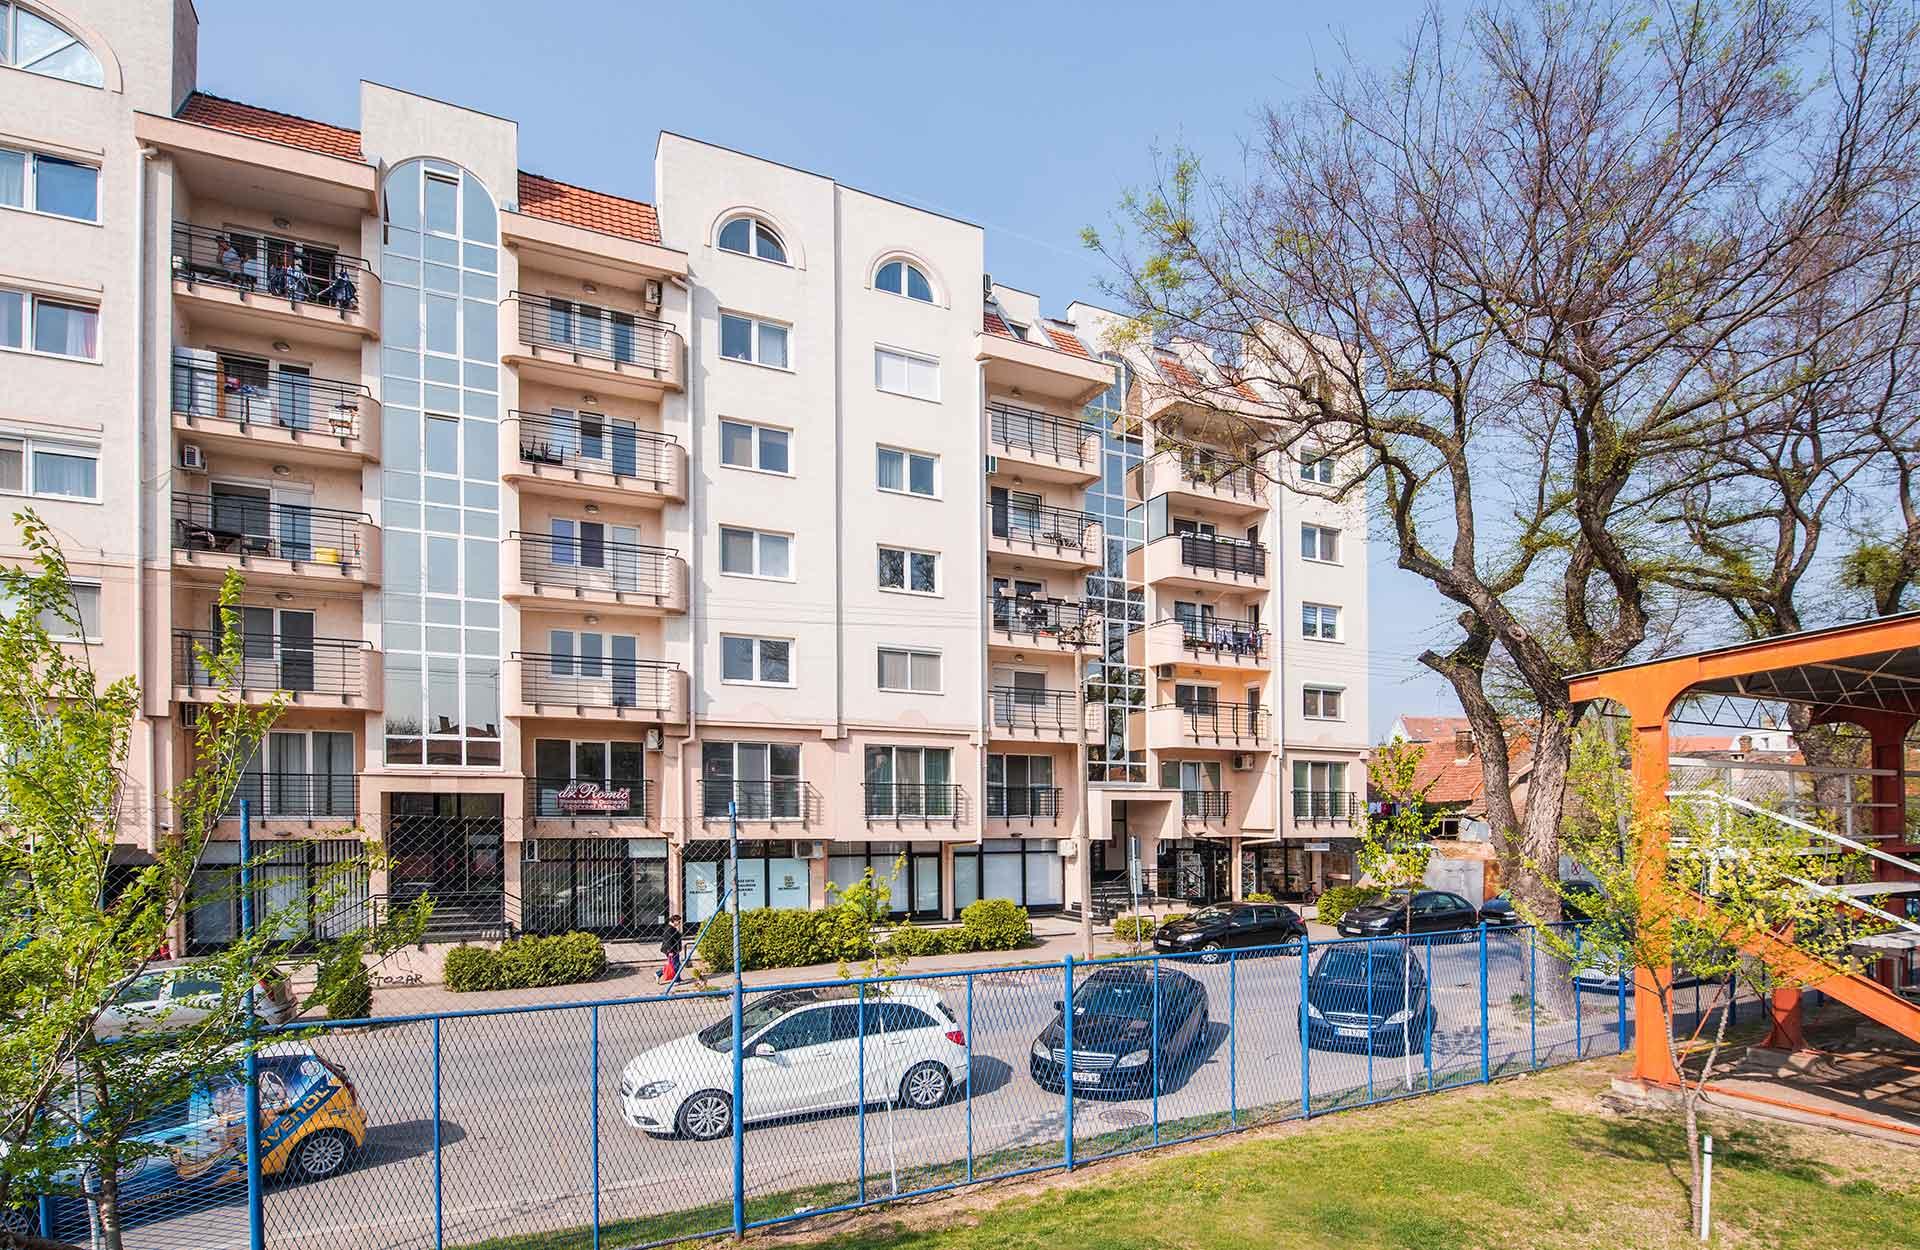 Cenzar-nekretnine-Prvomajska-ulica